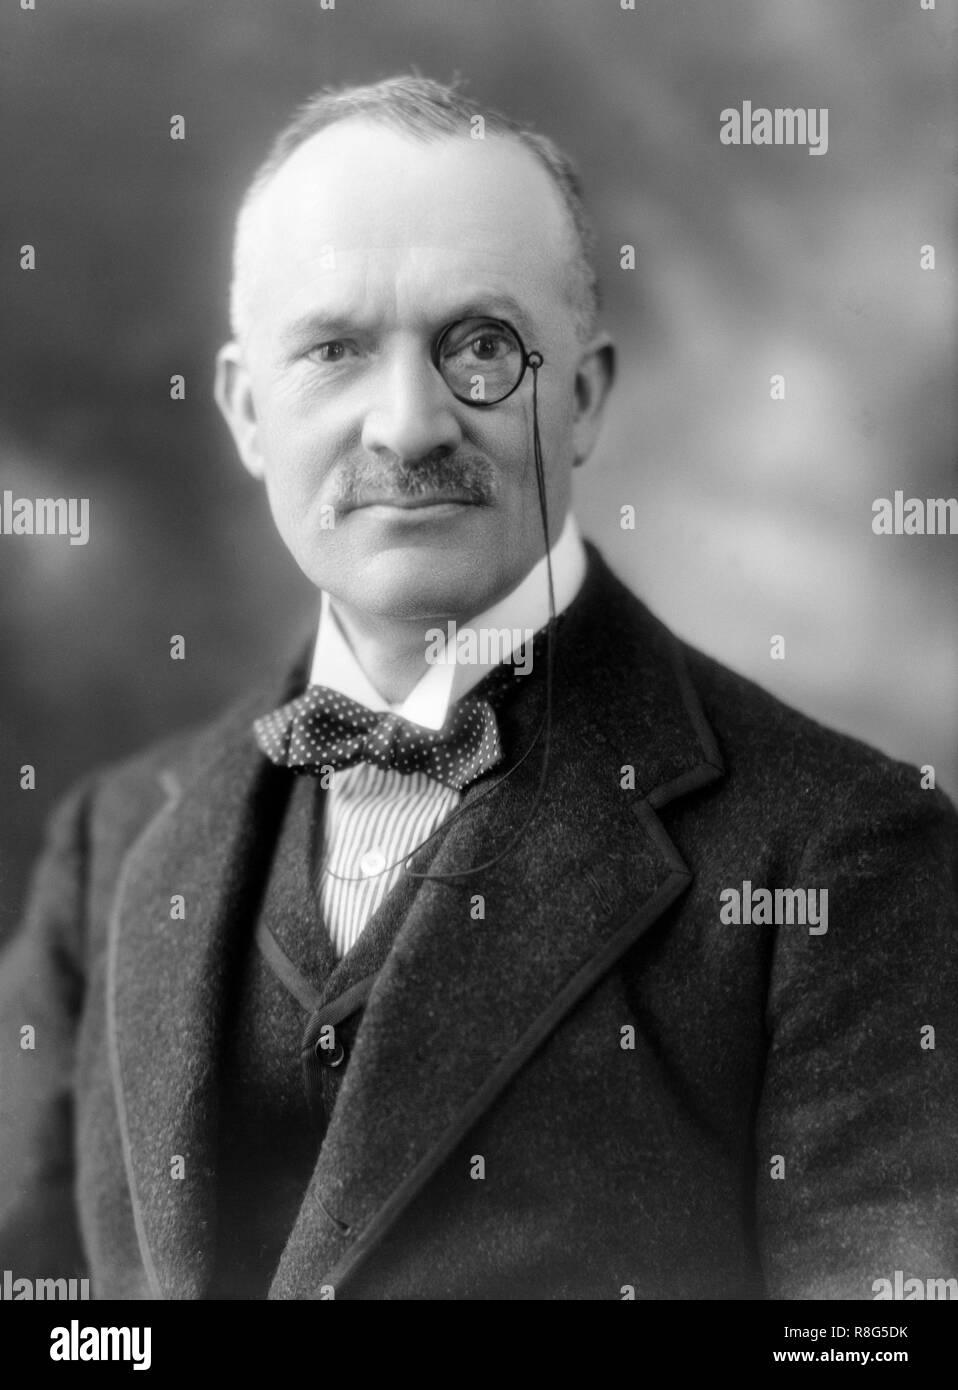 Grands Leonard Greenham Star Molloy, DSO (1861-1937) était un médecin et homme politique, né à Naas, comté de Kildare, Irlande.Il a été commissionné chirurgien lieutenant dans le Duc de Lancastre, Yeomanry en 1901, et a été nommé lieutenant lorsqu'il démissionne en tant que chirurgien en juillet 1902. Pendant la Seconde Guerre mondiale, il a servi en France et à l'Administration centrale (dépêches deux fois) et a été commandant en second de la 23e Division. Grands Molloy a reçu l'Ordre du service distingué (DSO) en 1917. Il a pris sa retraite de l'armée en 1921. Il était membre honoraire à vie de l'Association de l'Ambulance Saint-Jean. Photo Stock